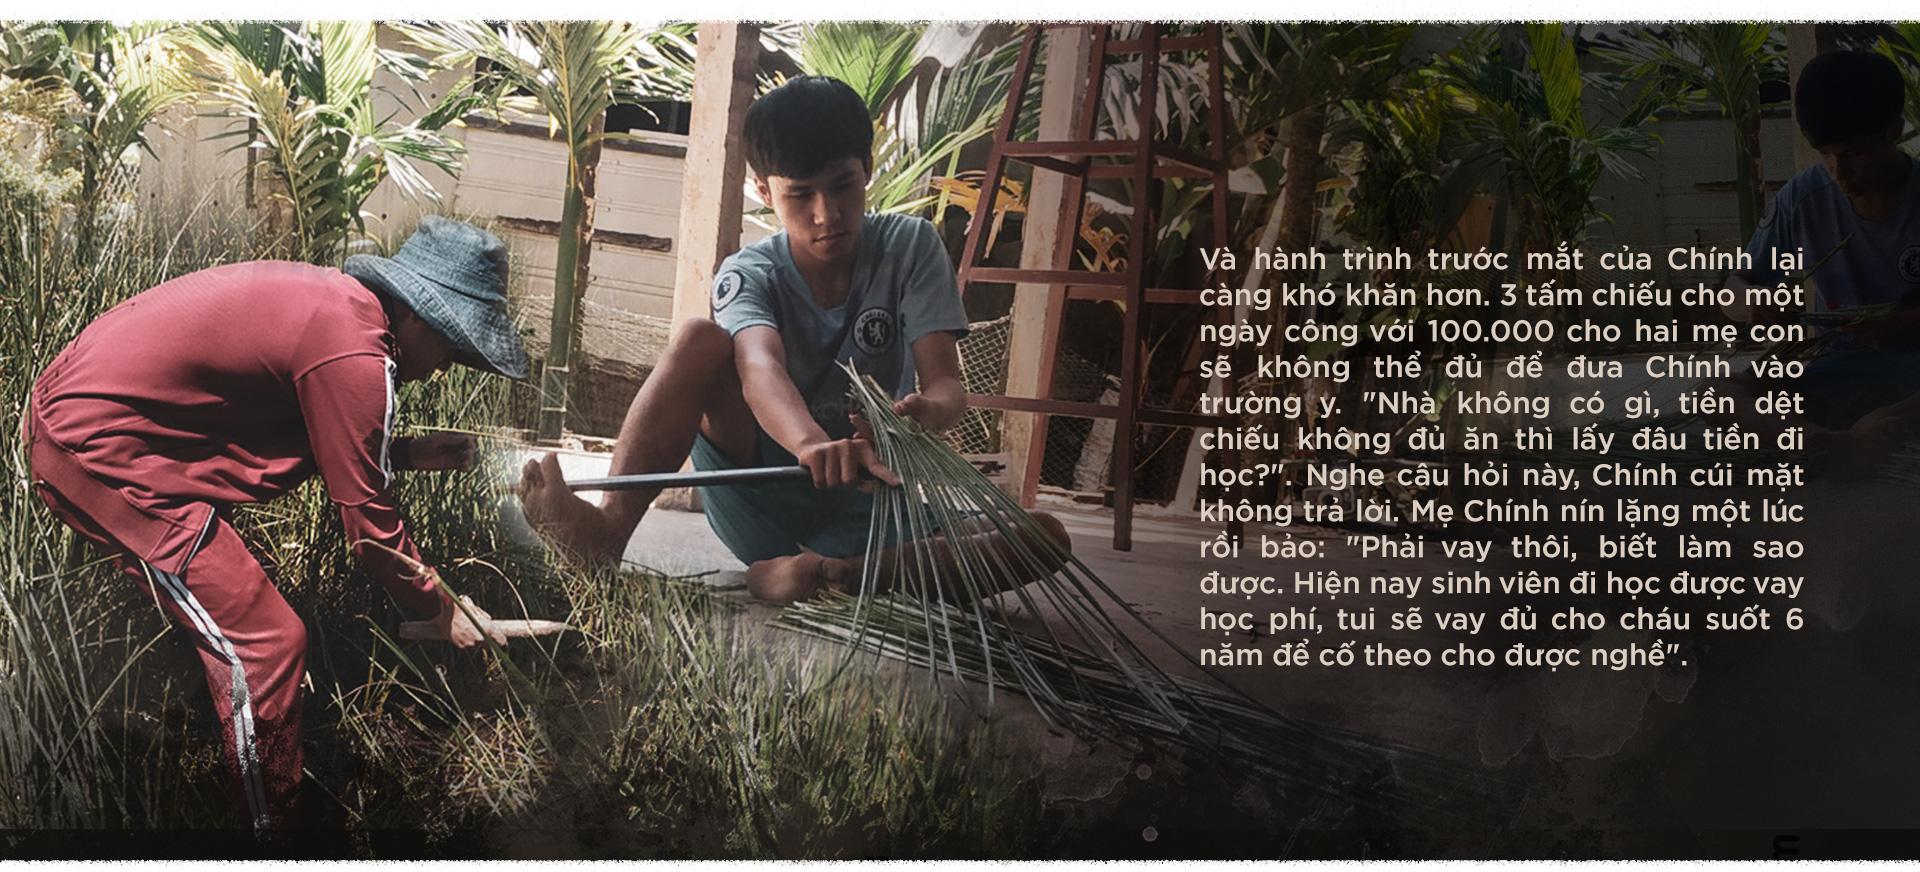 Tiếp sức đến trường: Dệt cói, trồng sắn và đeo đuổi ước mơ nghề nghiệp - Ảnh 5.